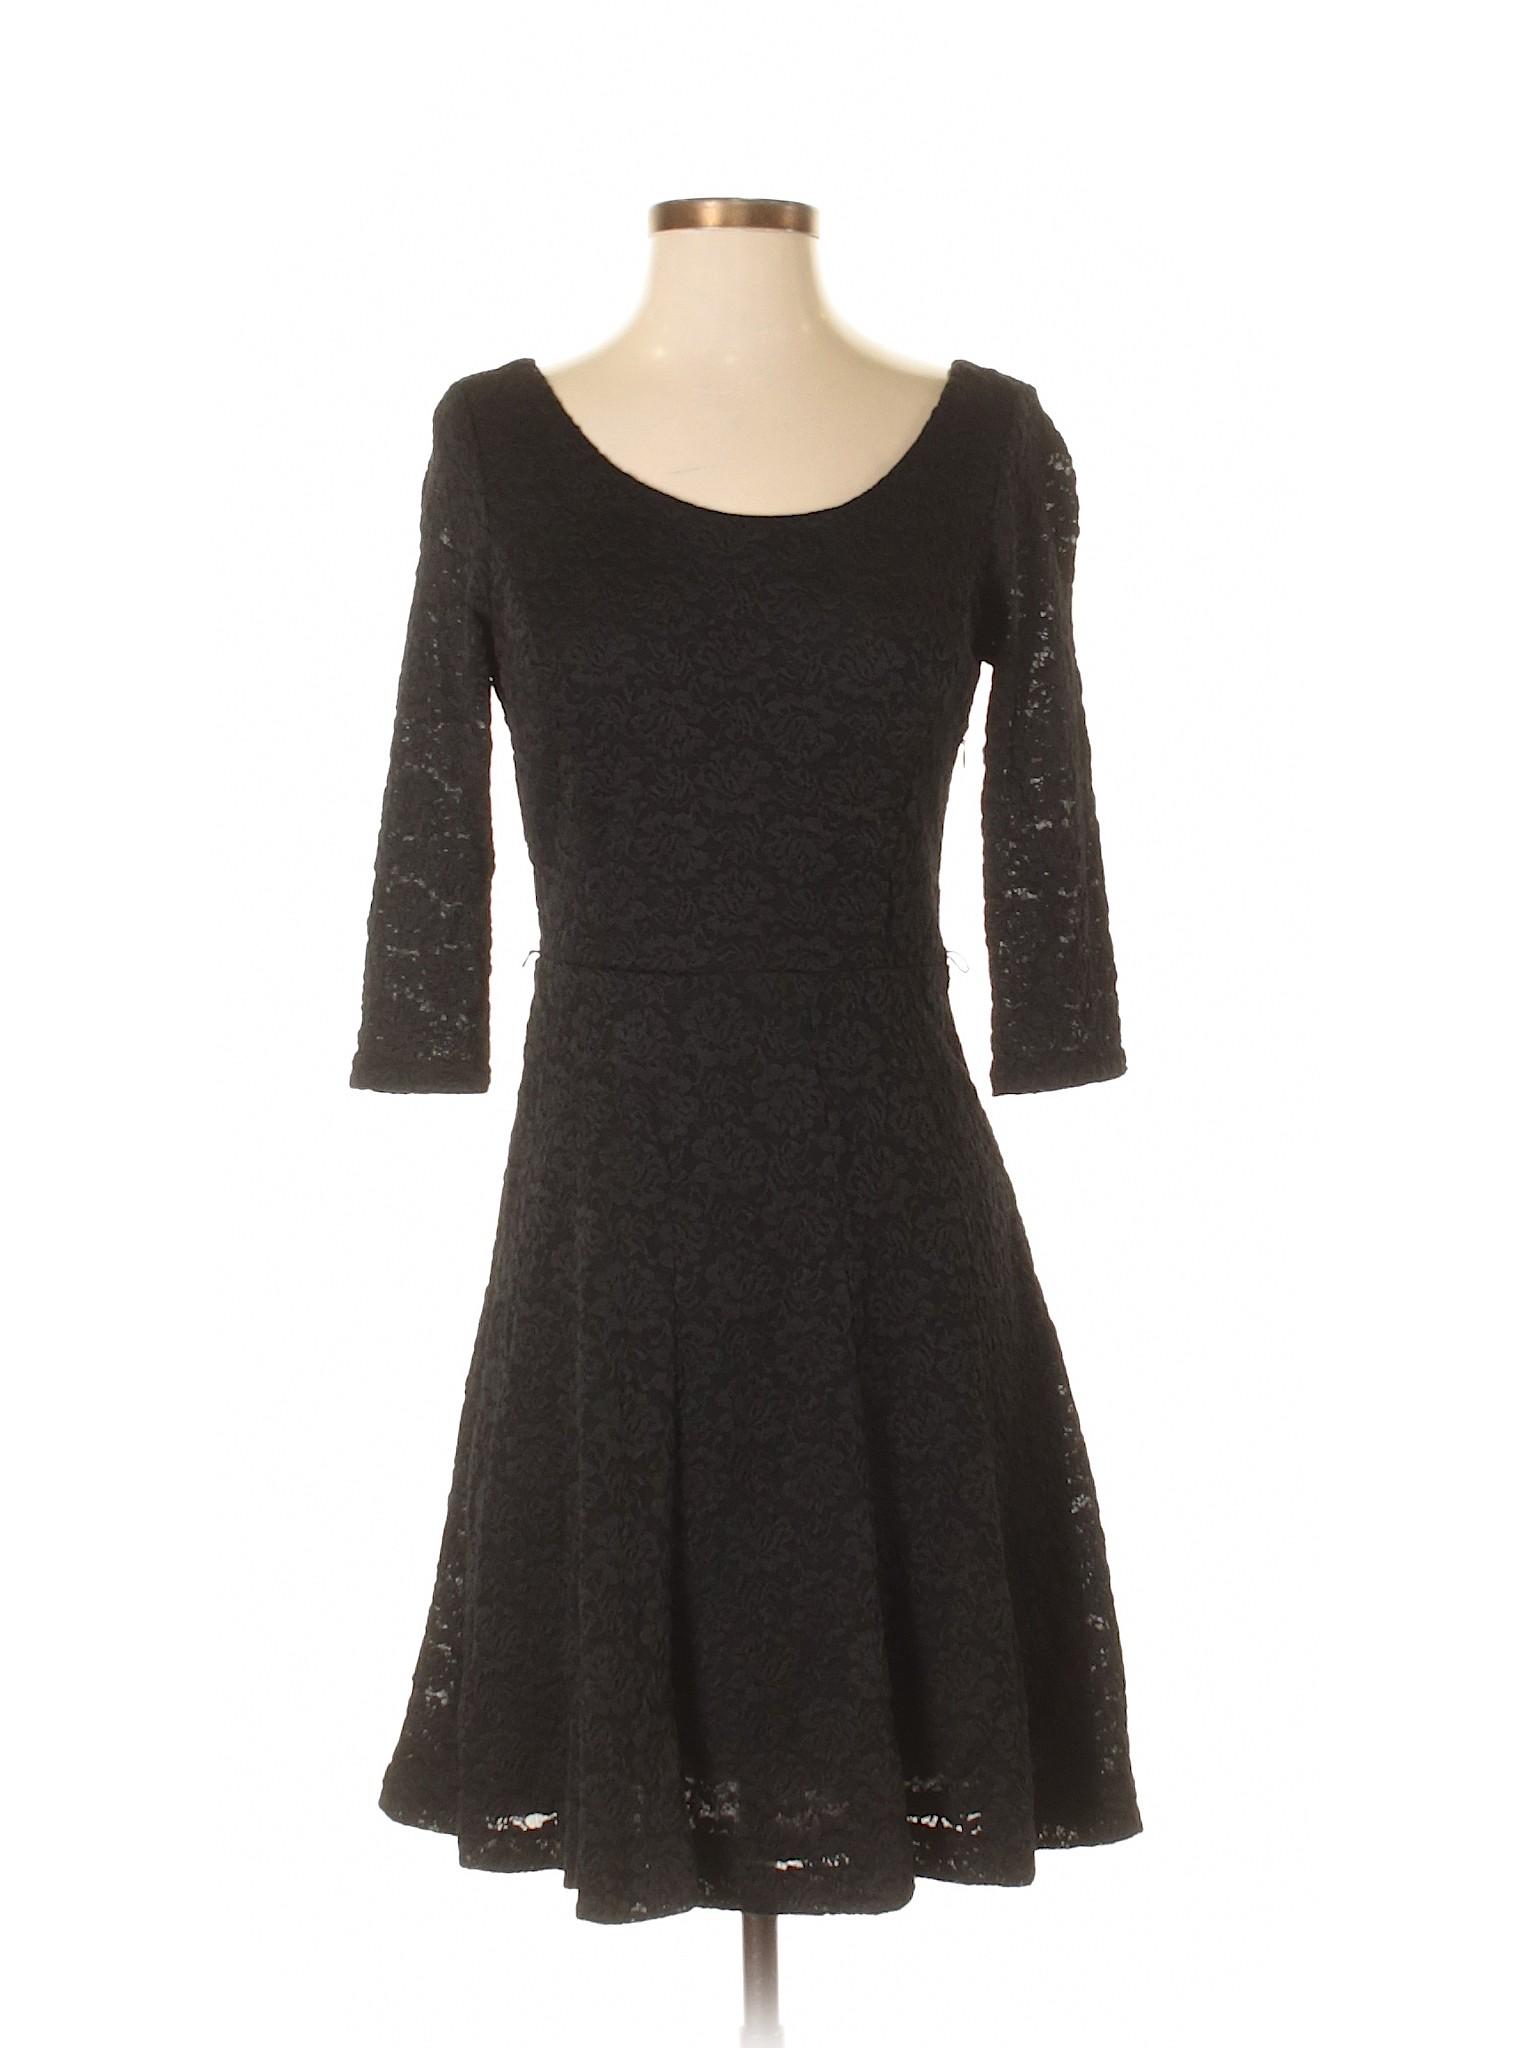 Market White Casual Dress House Boutique winter Black Cxf4qwR0gZ